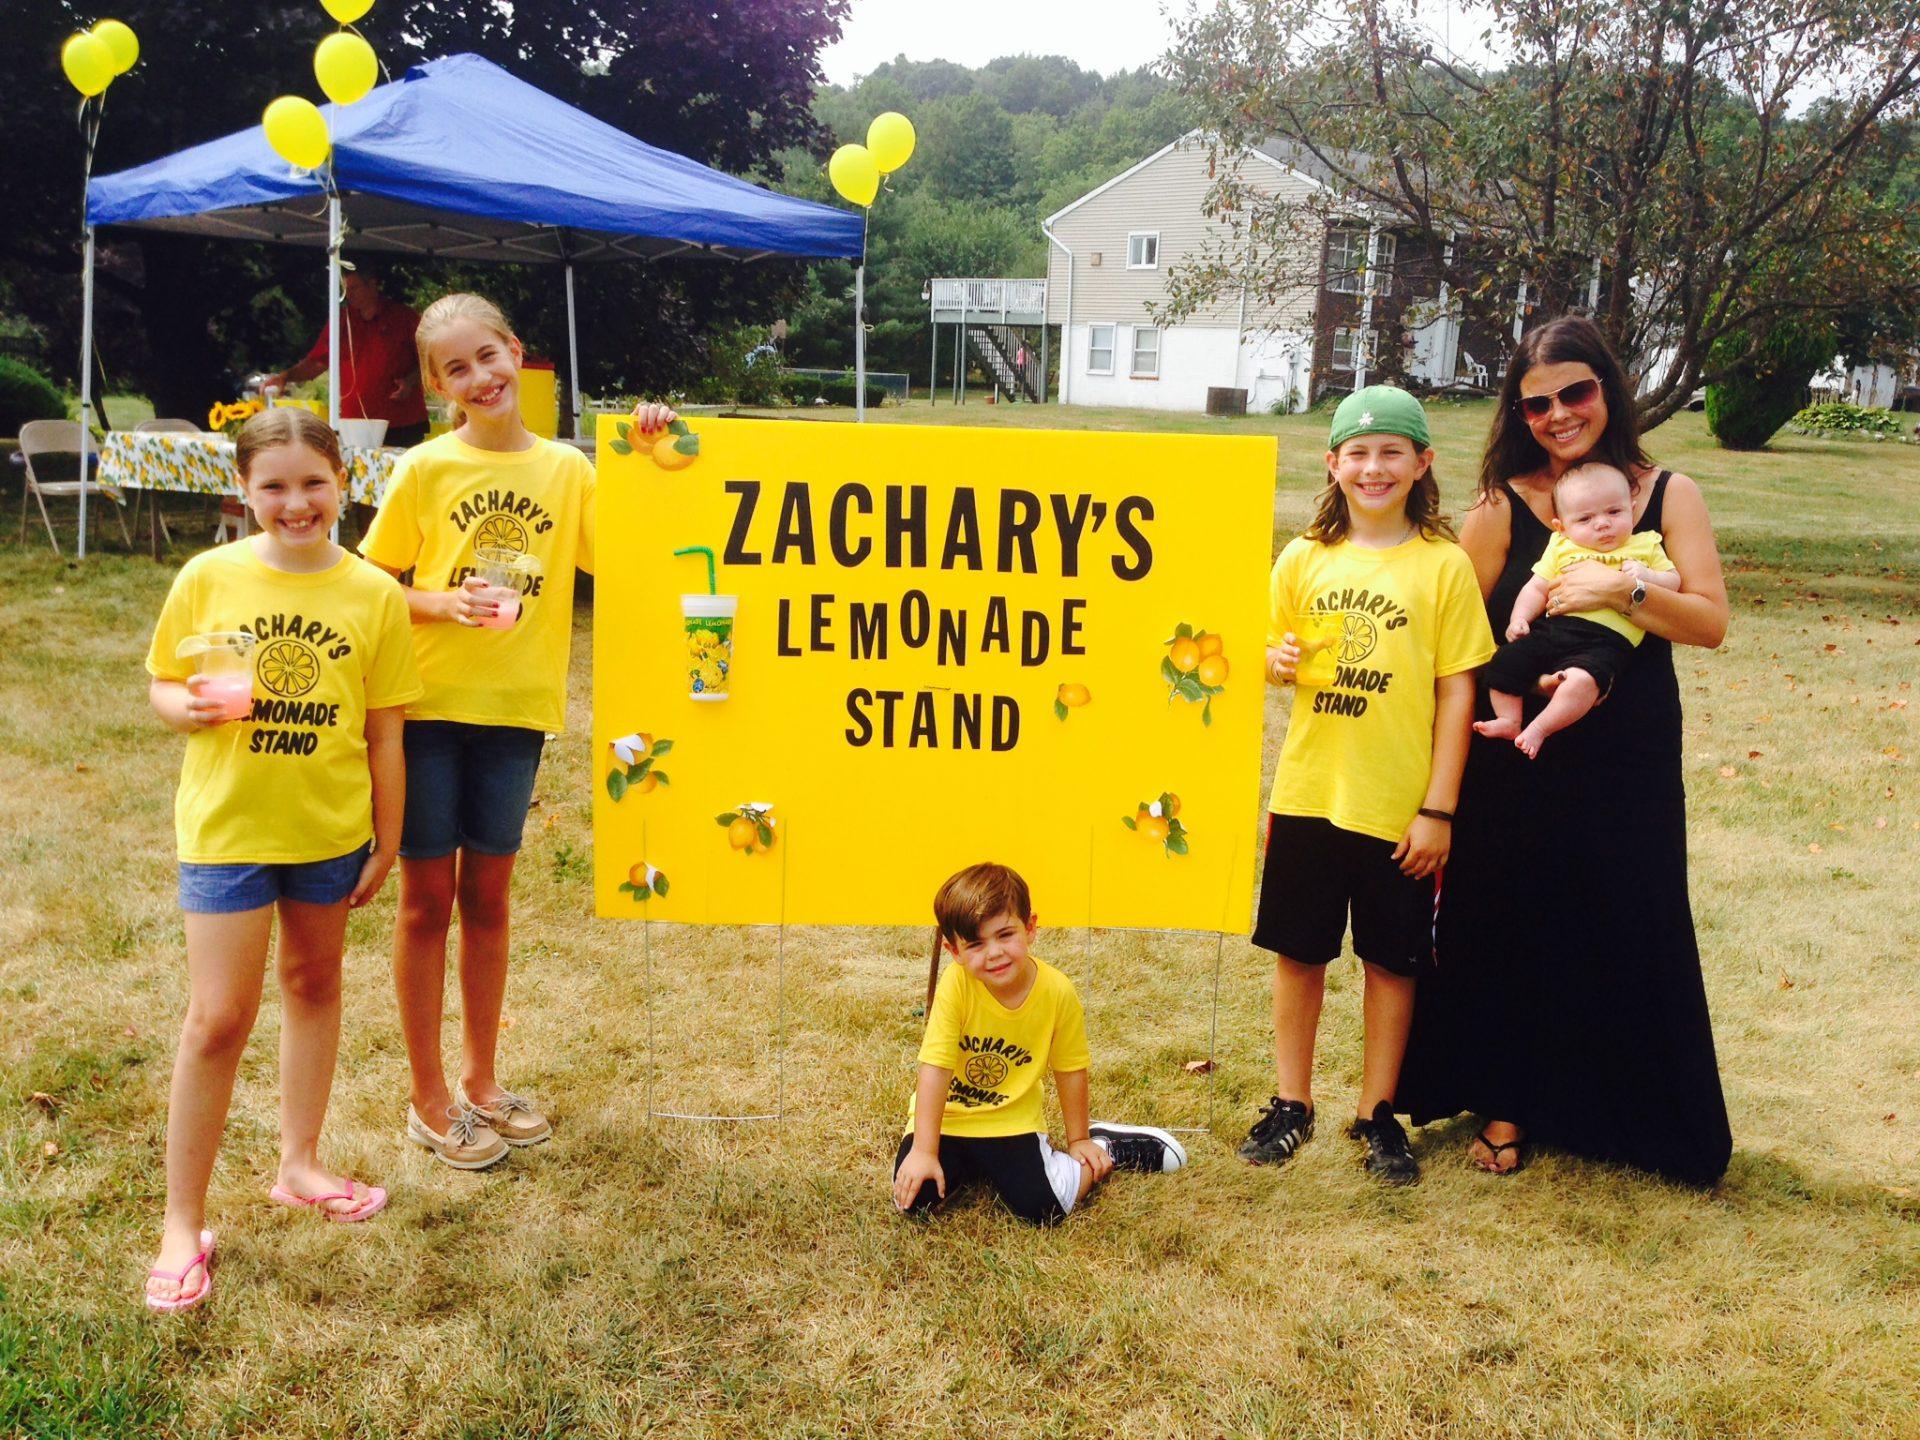 photo of Zachary's Lemonade stand